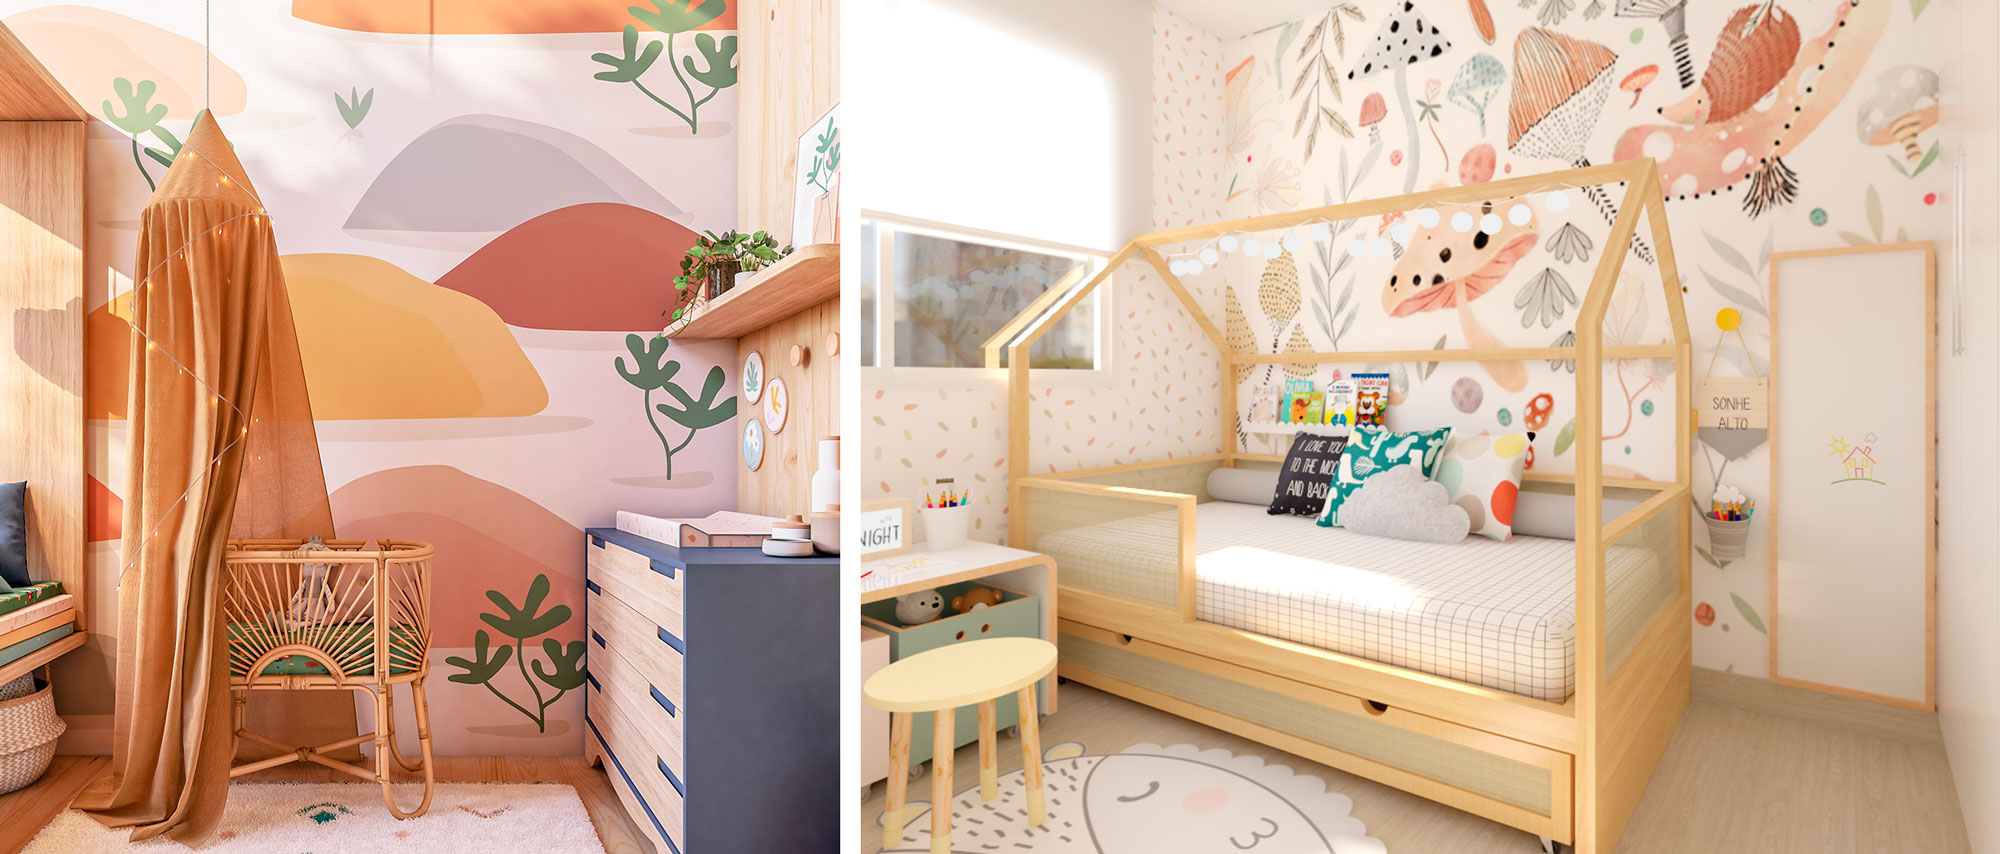 Imagem ilustrativa de quartos com papel de parede infantil com cores vibrantes